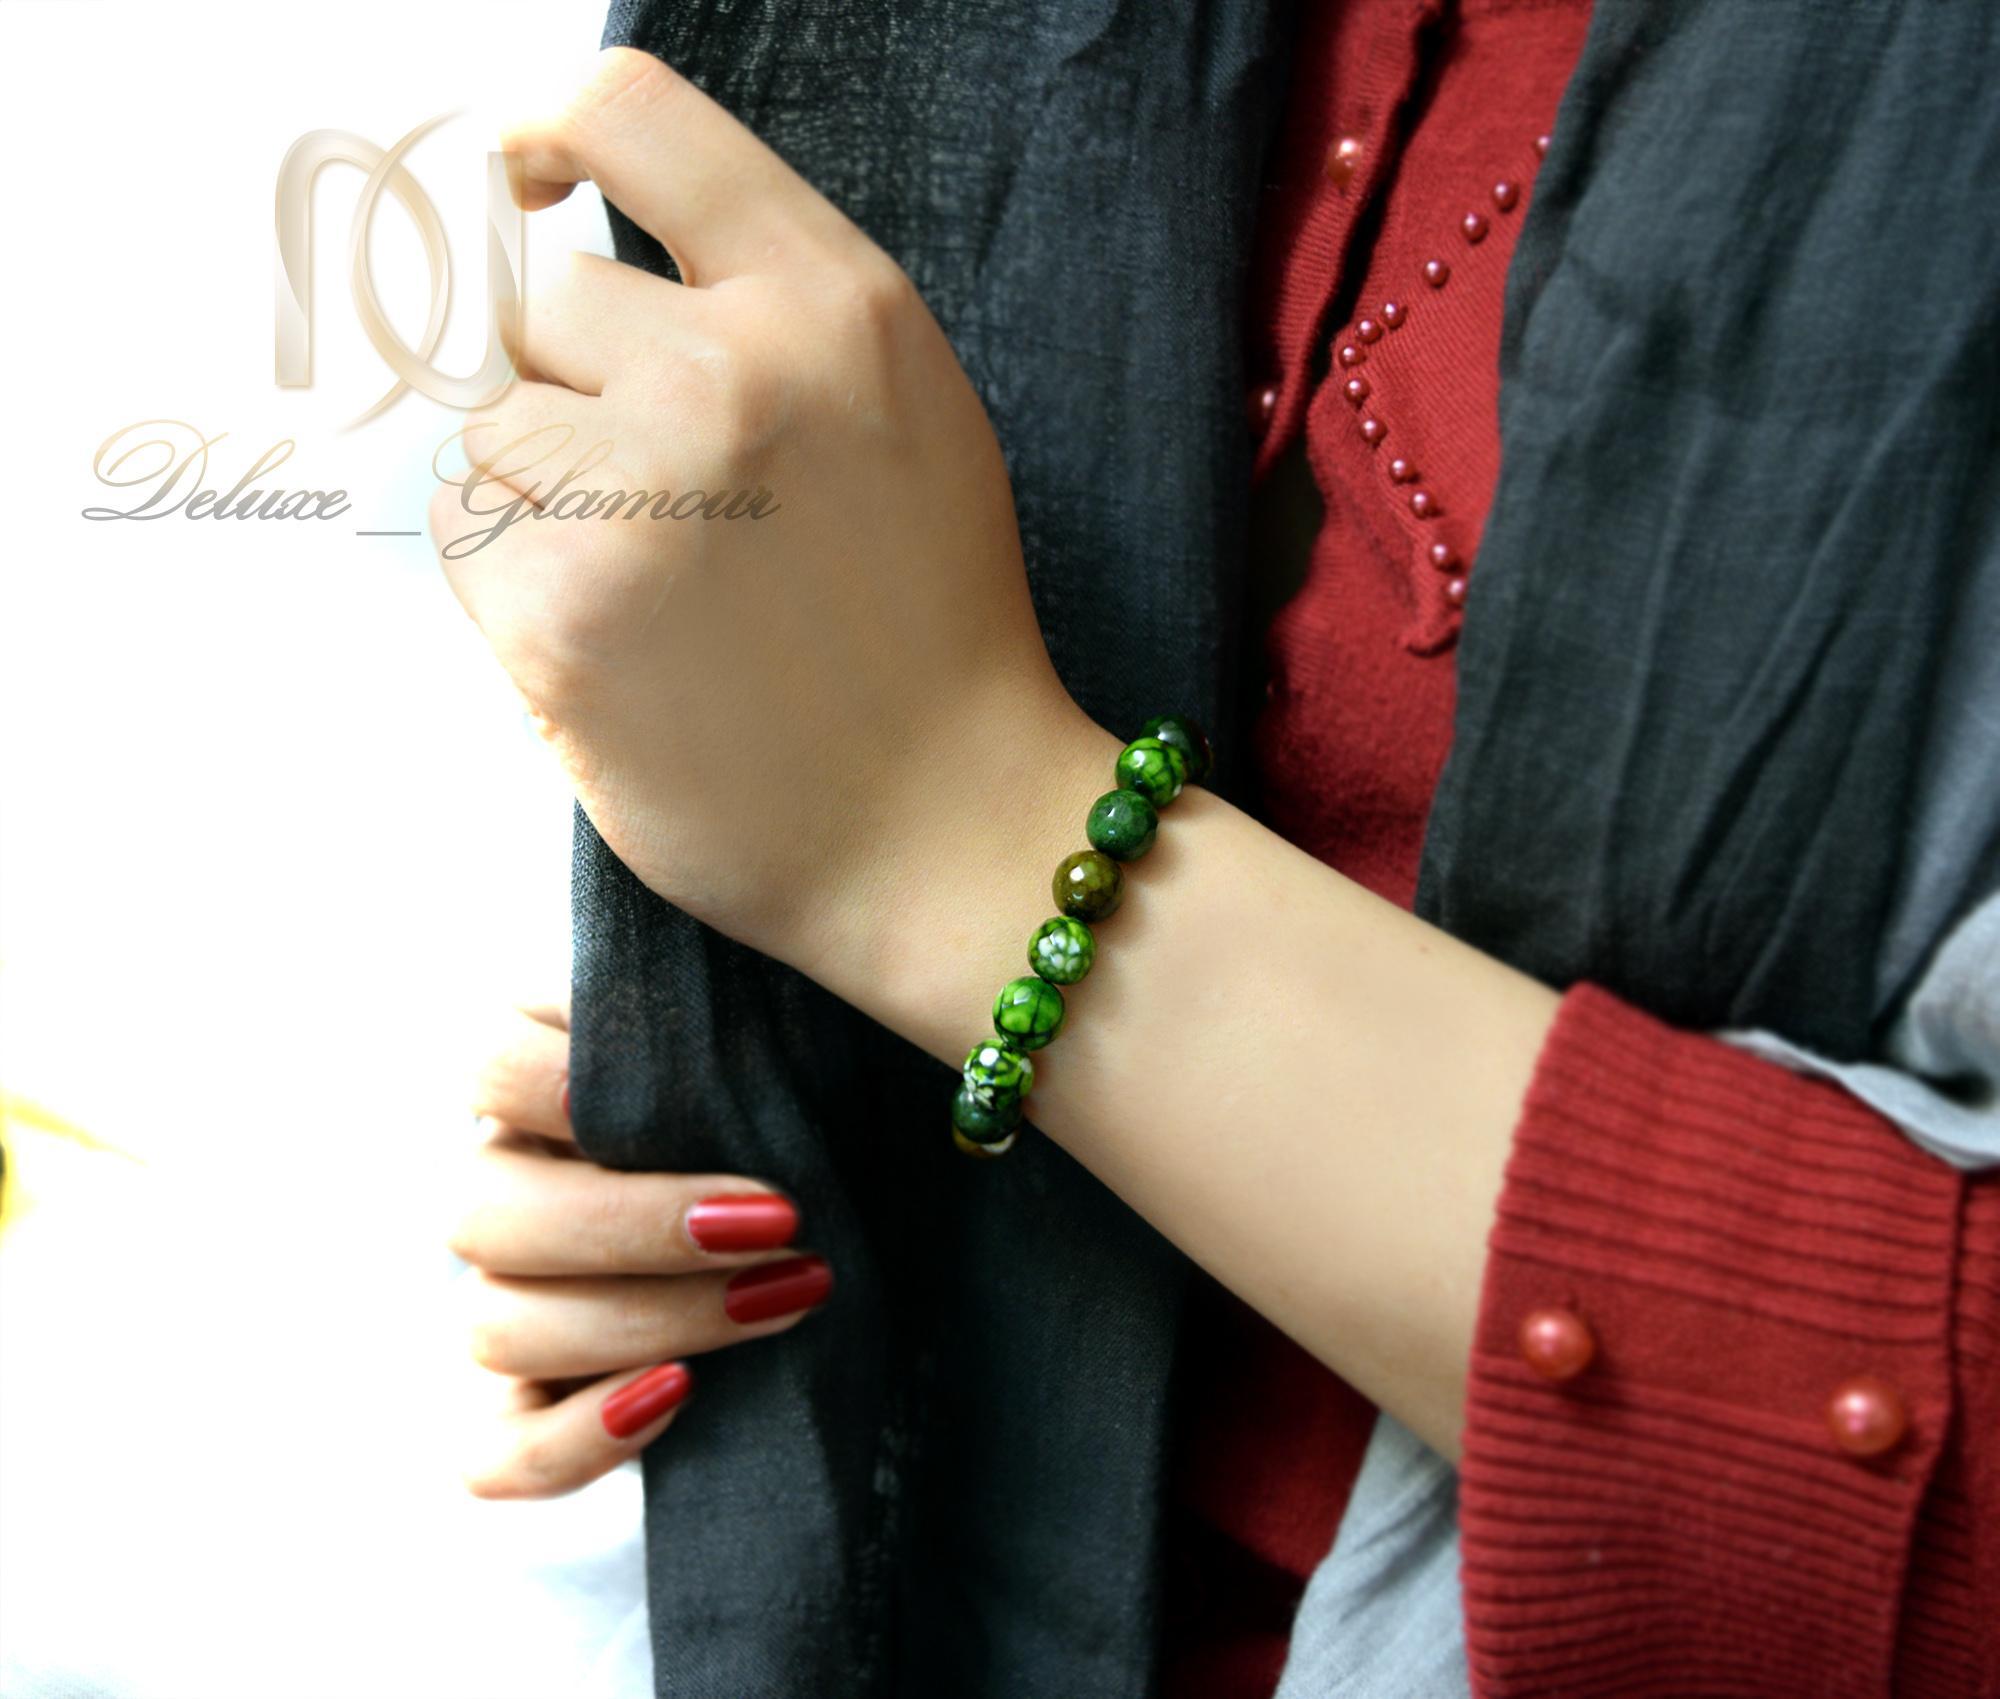 دستبند سنگی سبز عقیق دخترانه با قفل کراواتی ds-n012 - روی دست